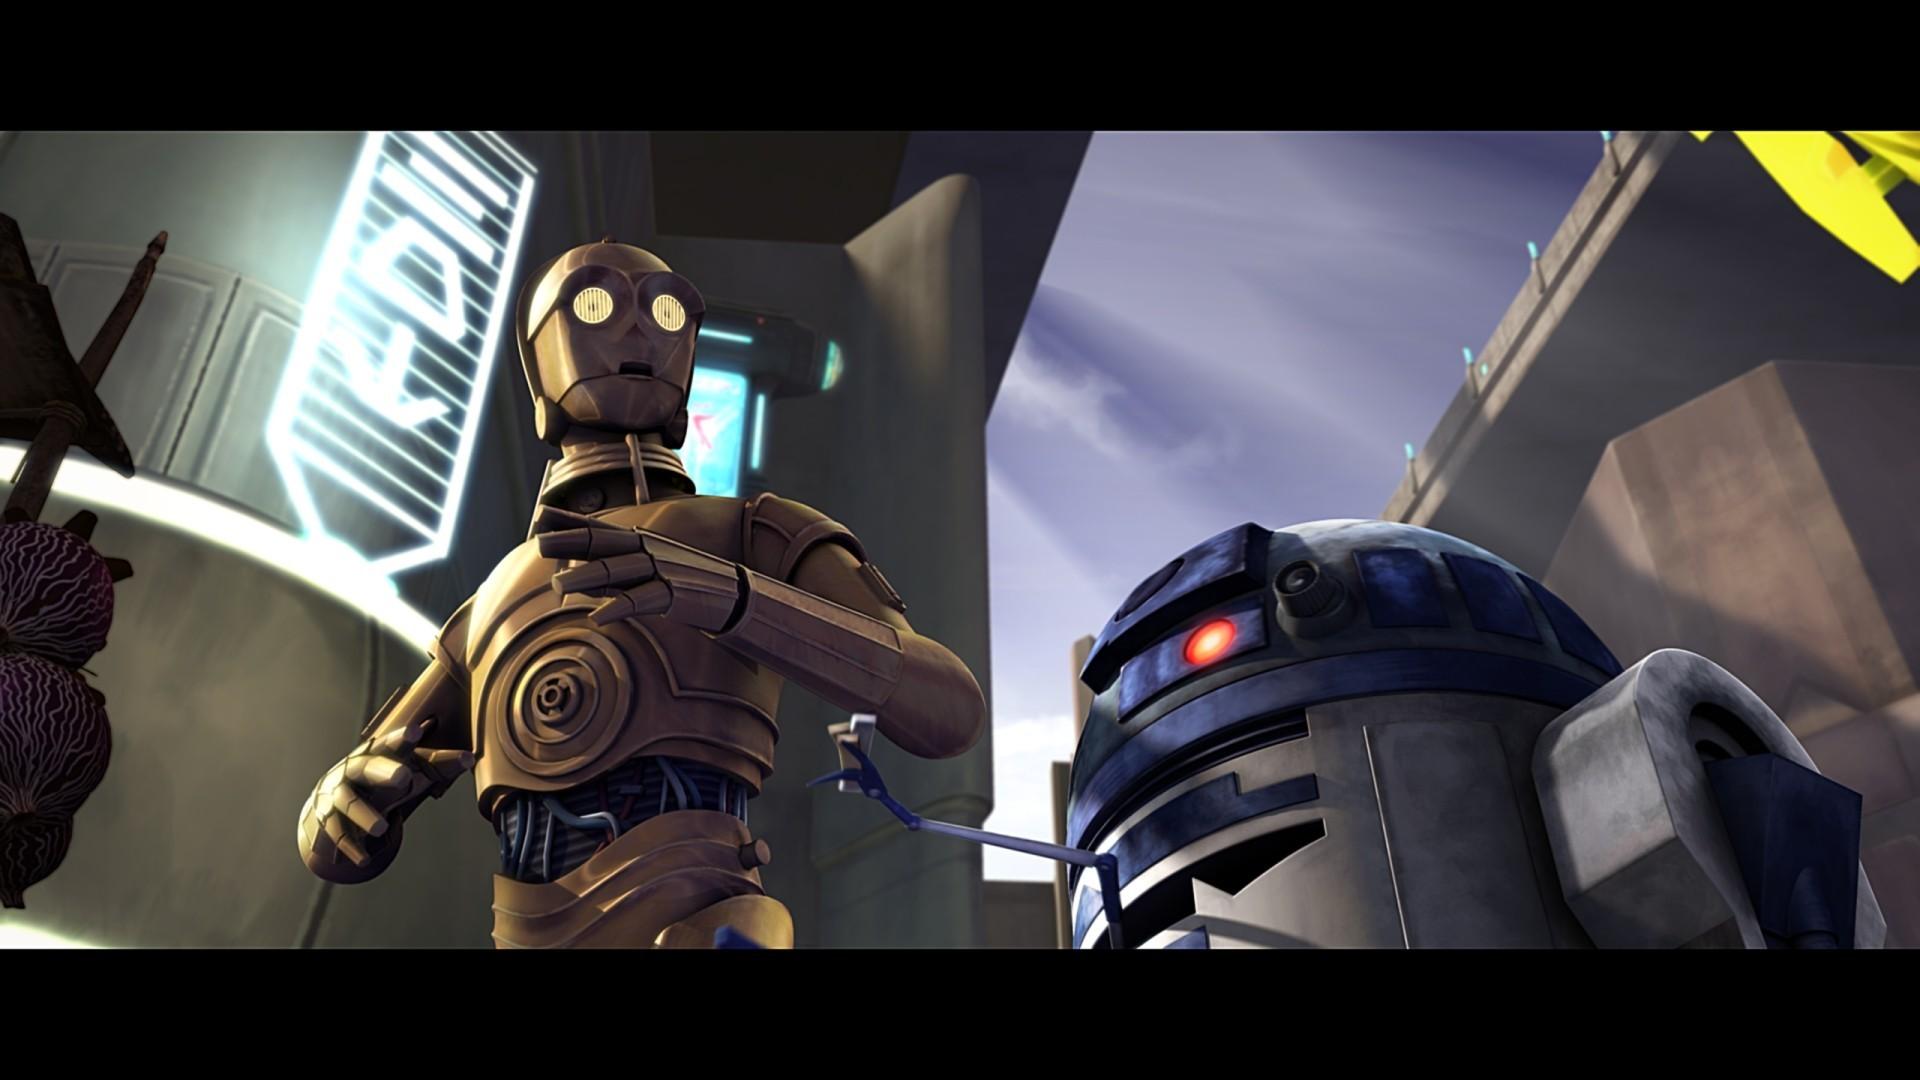 C3PO and R2D2 Wallpaper – WallpaperSafari